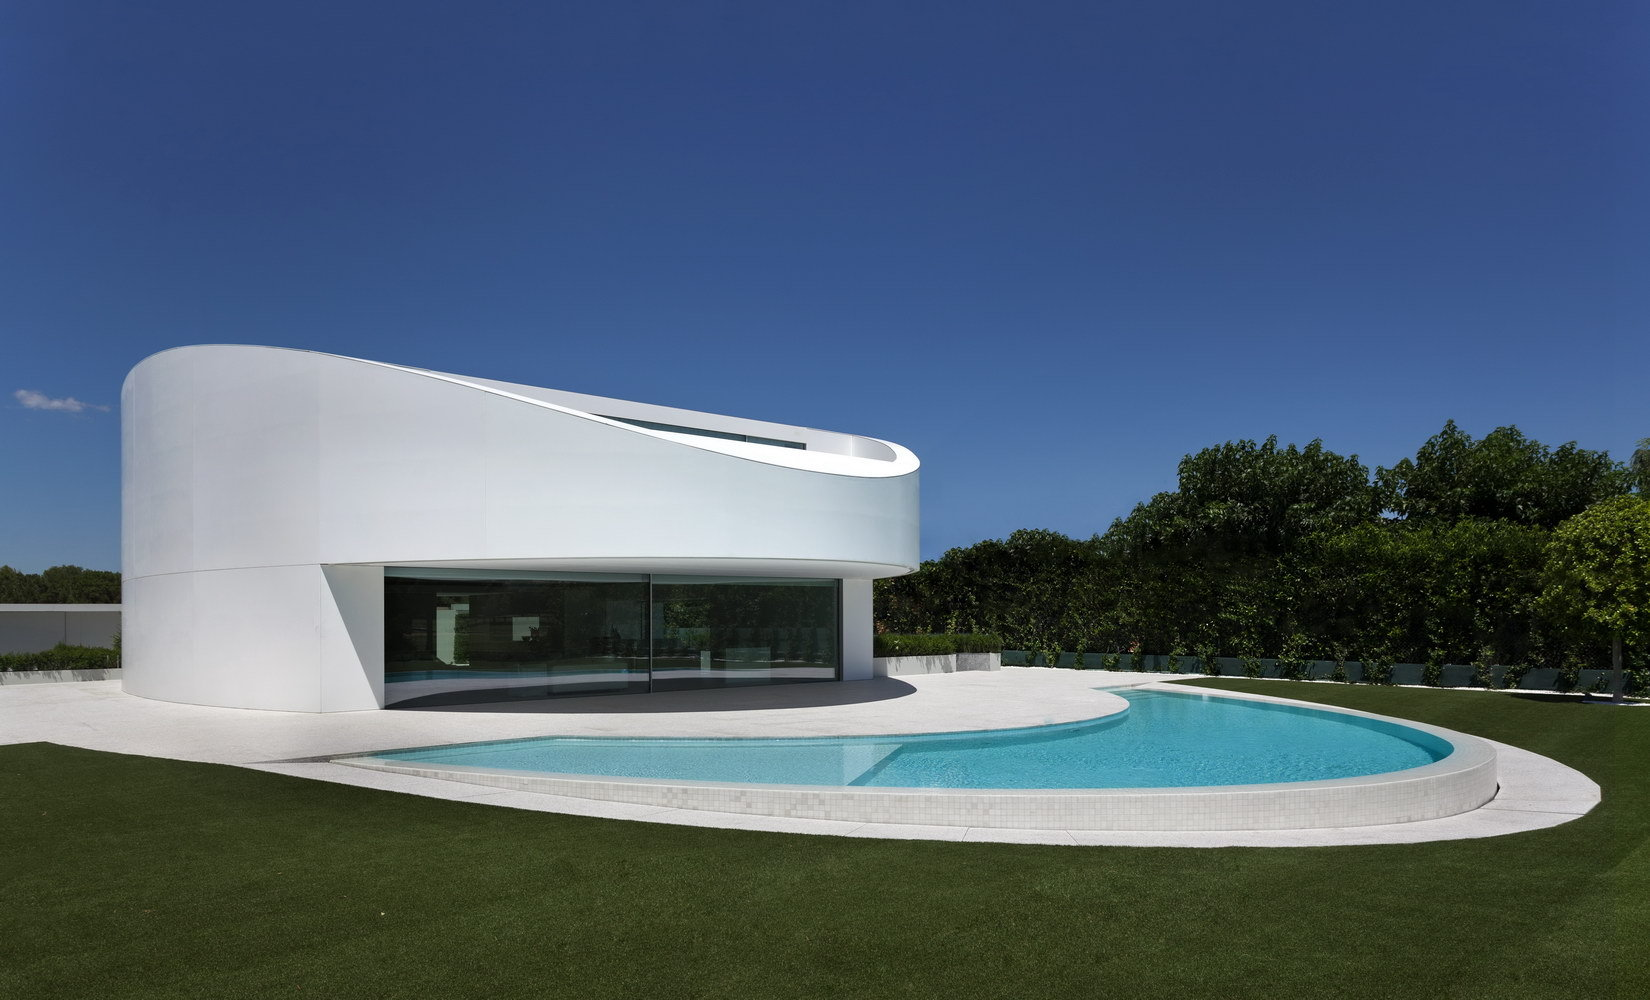 casa futurista 1